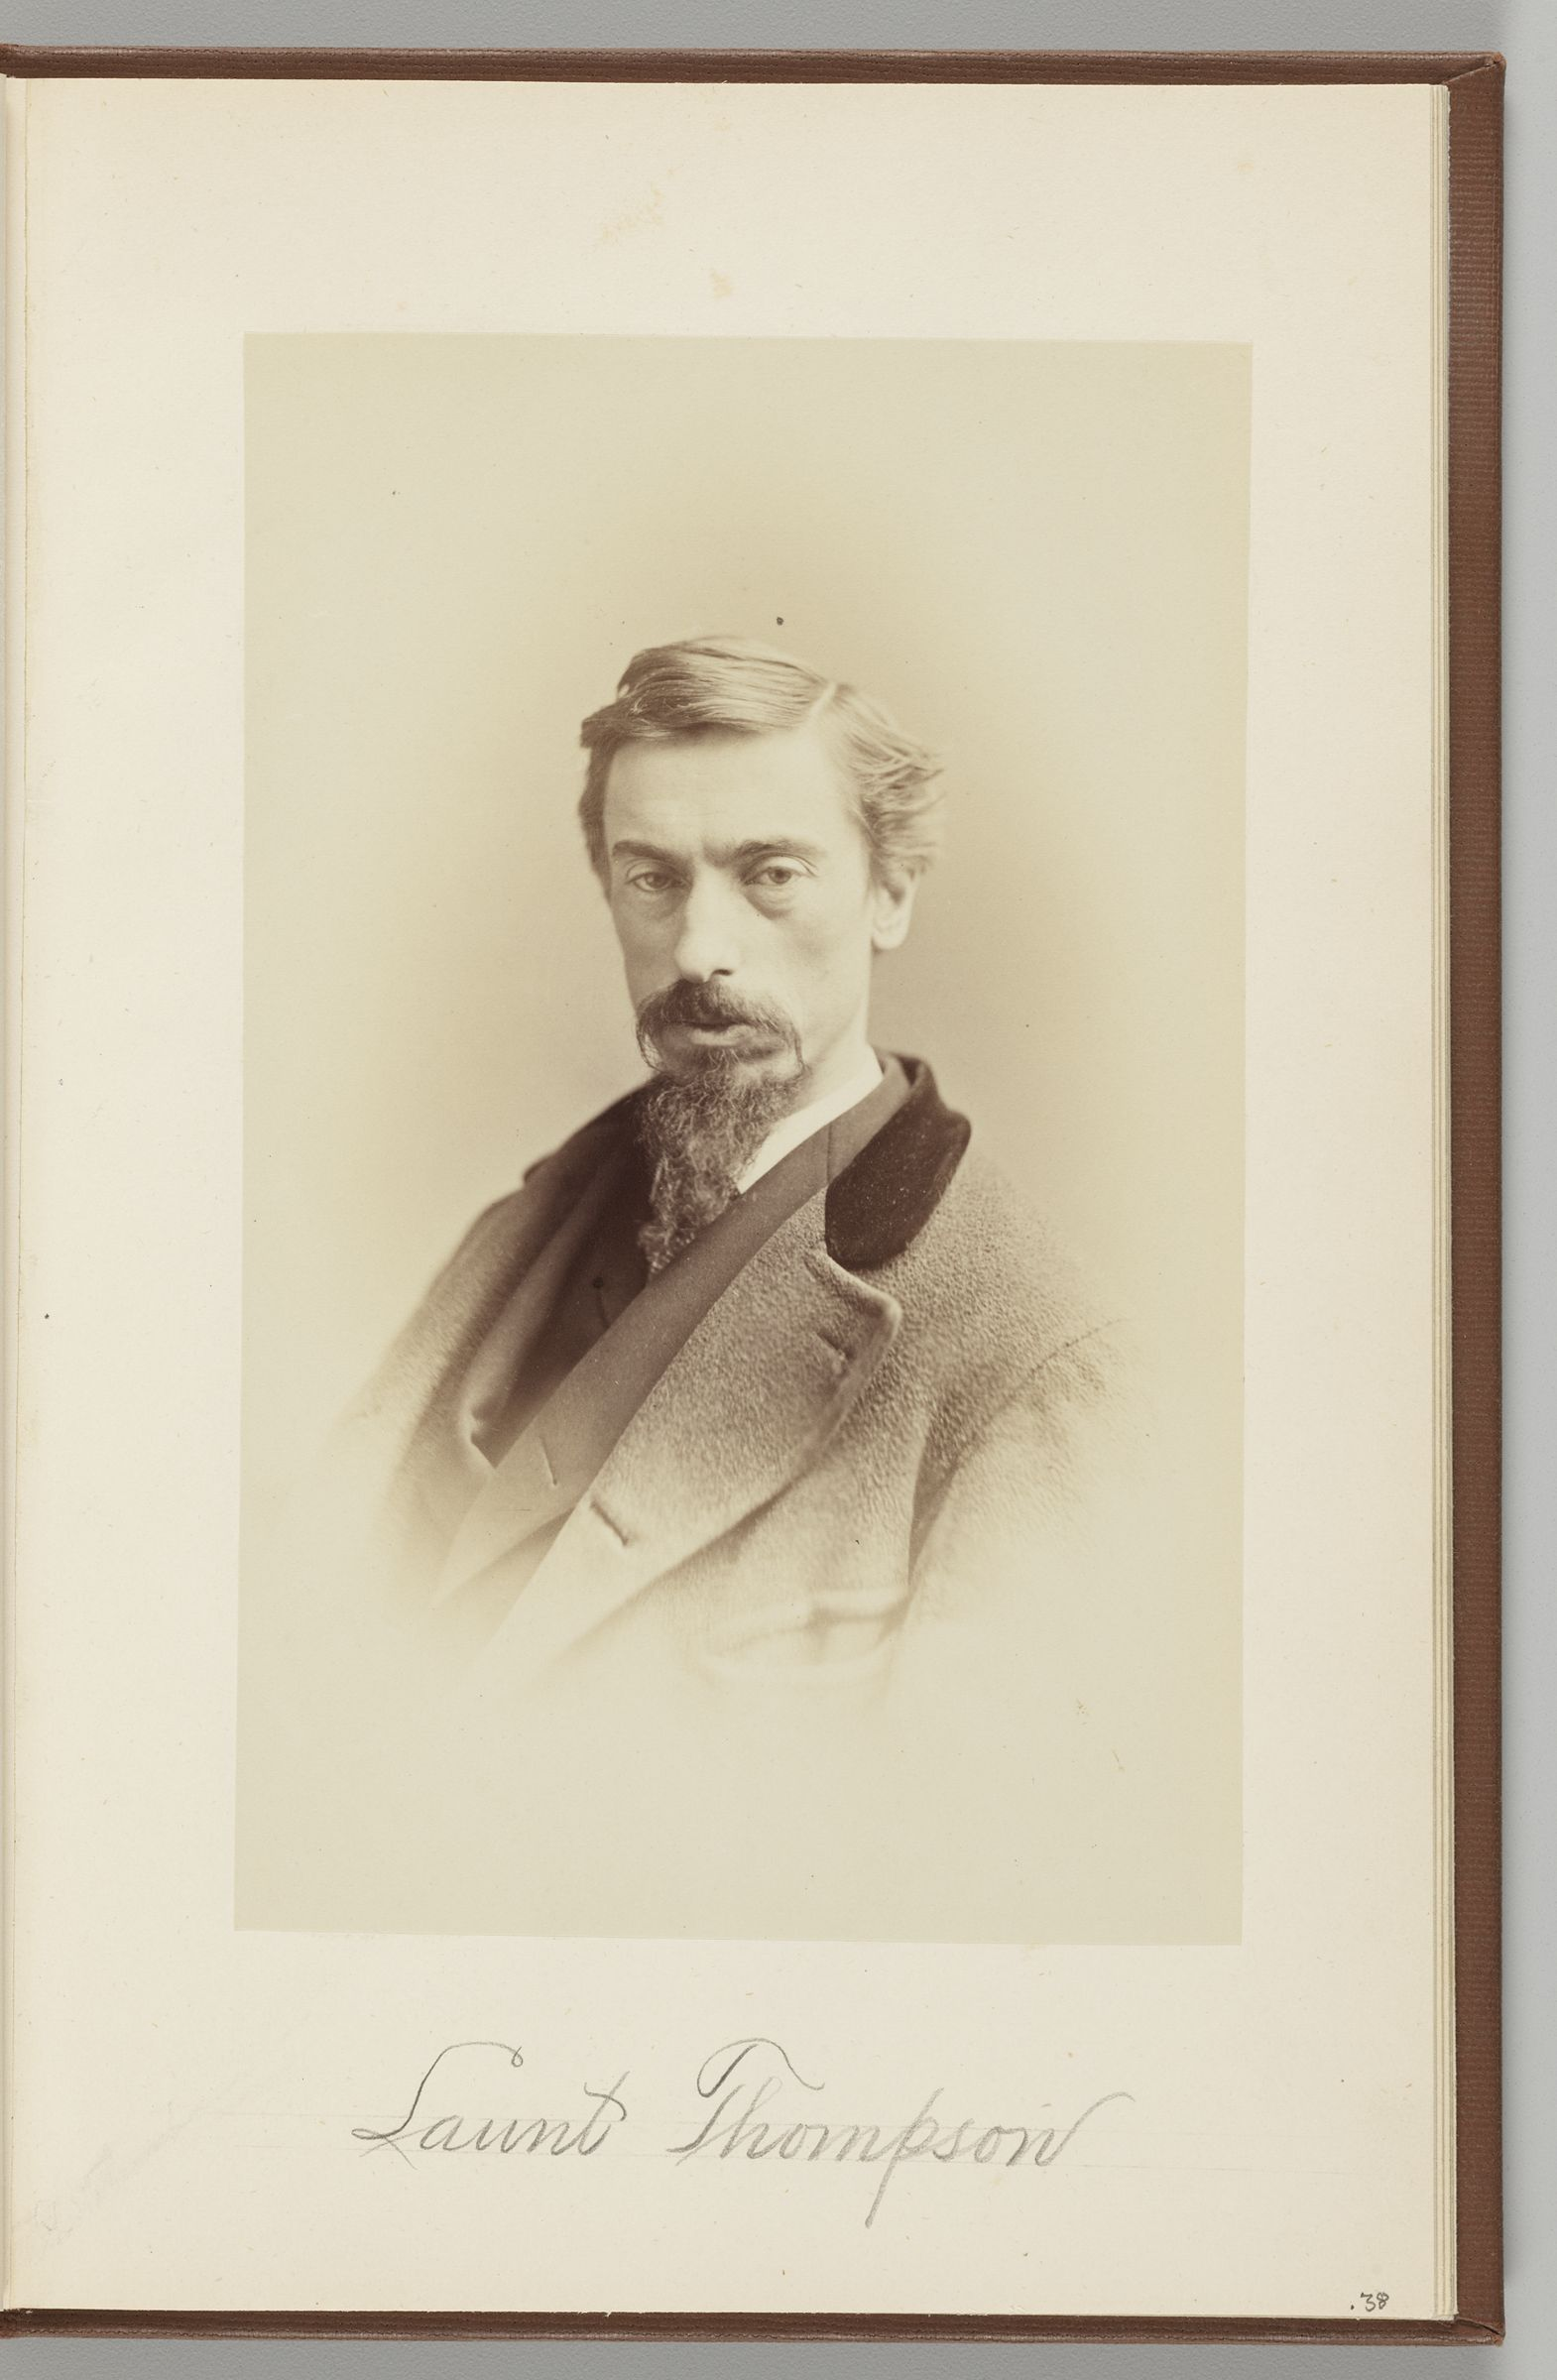 Launt Thompson (1833-1894)